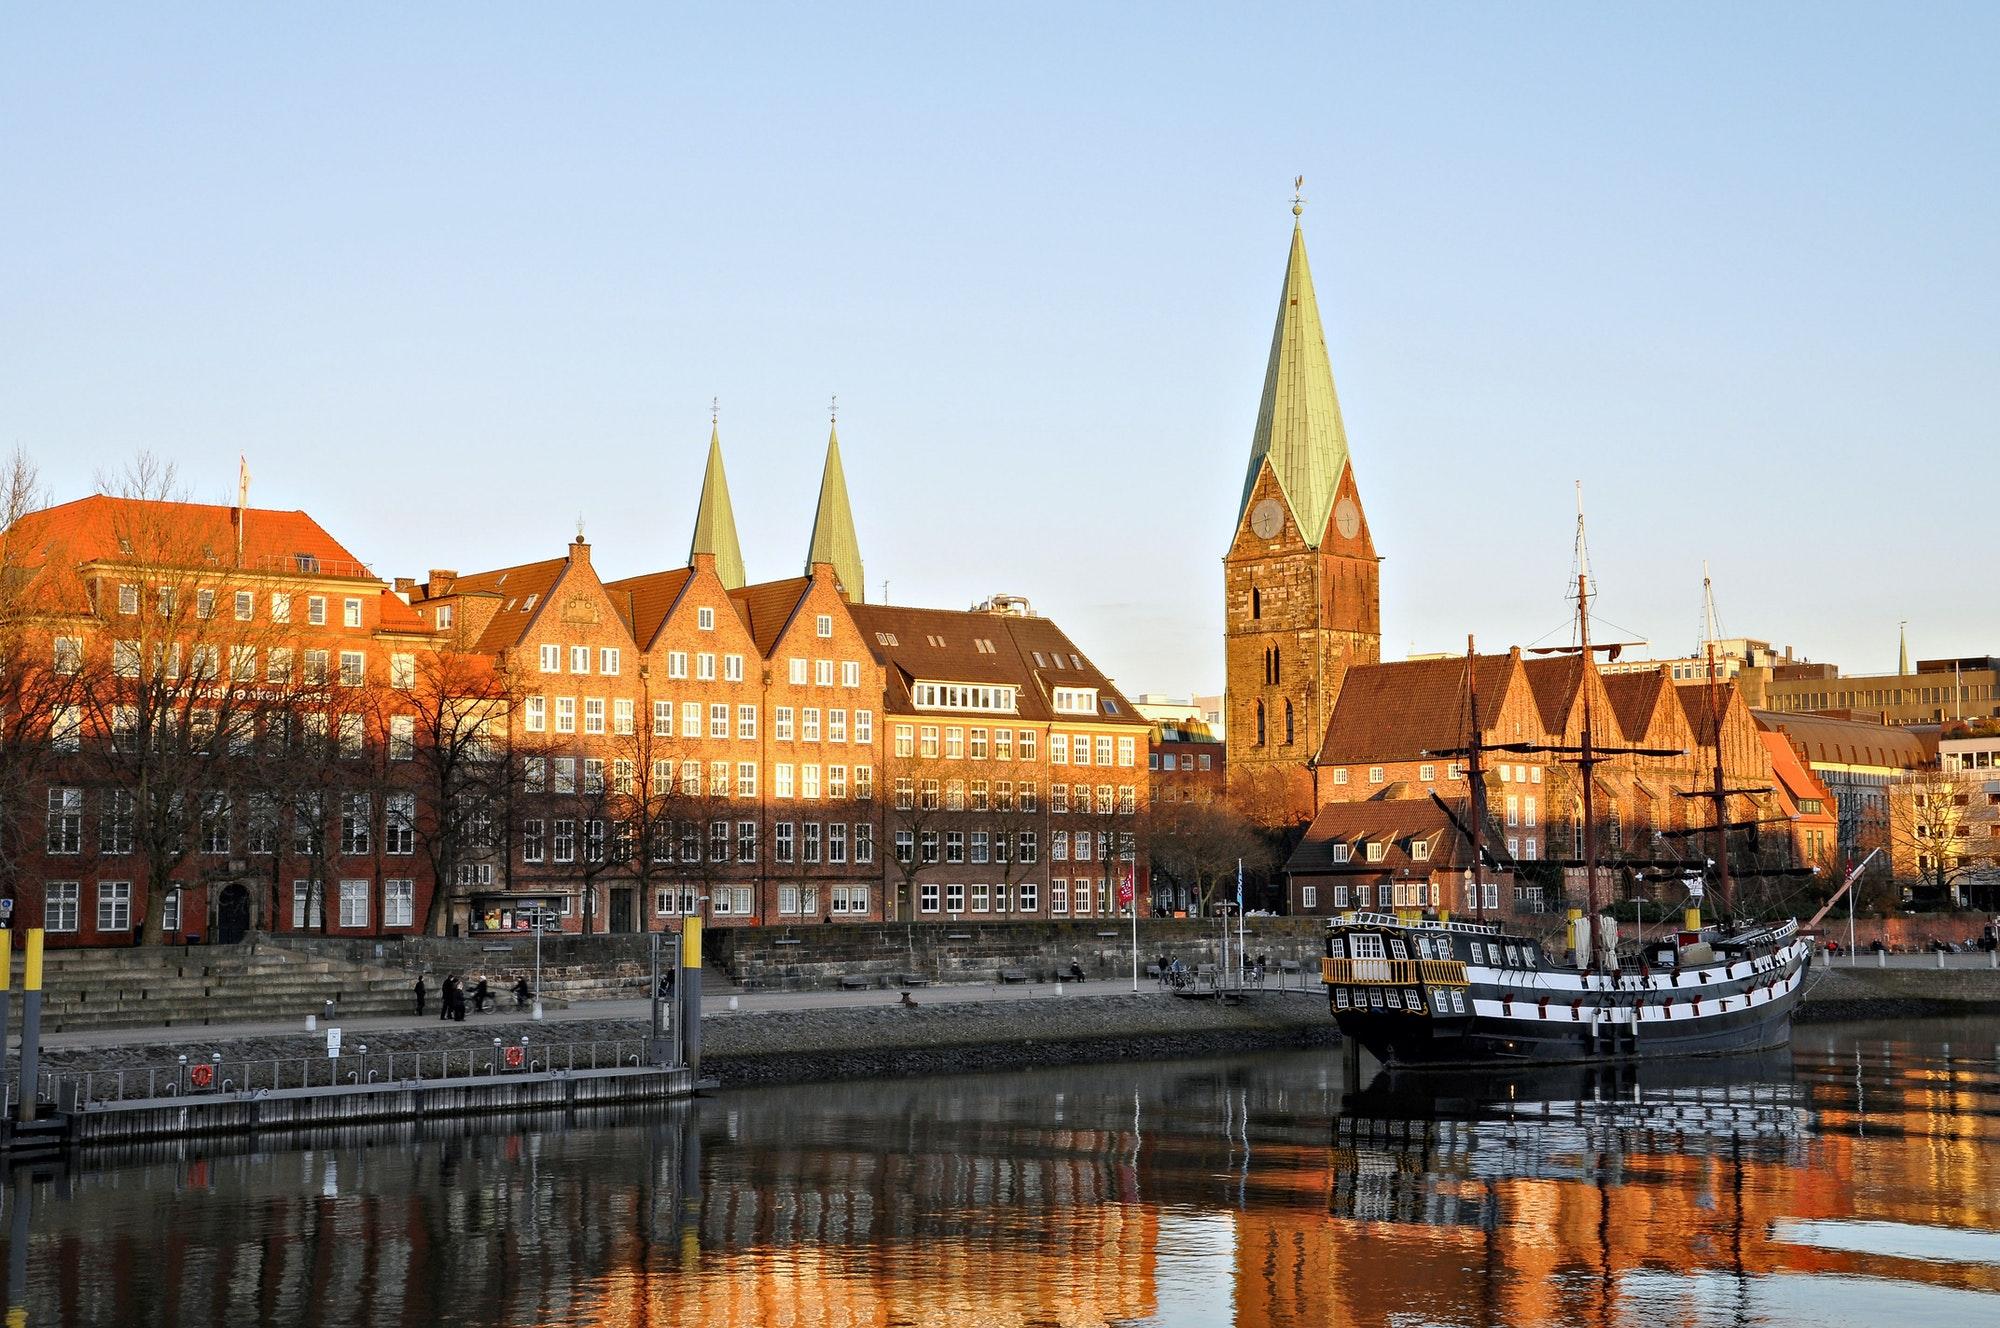 Germany. Bremen. The city at the shore berth old sailing ship. ❤️ nominated 💔